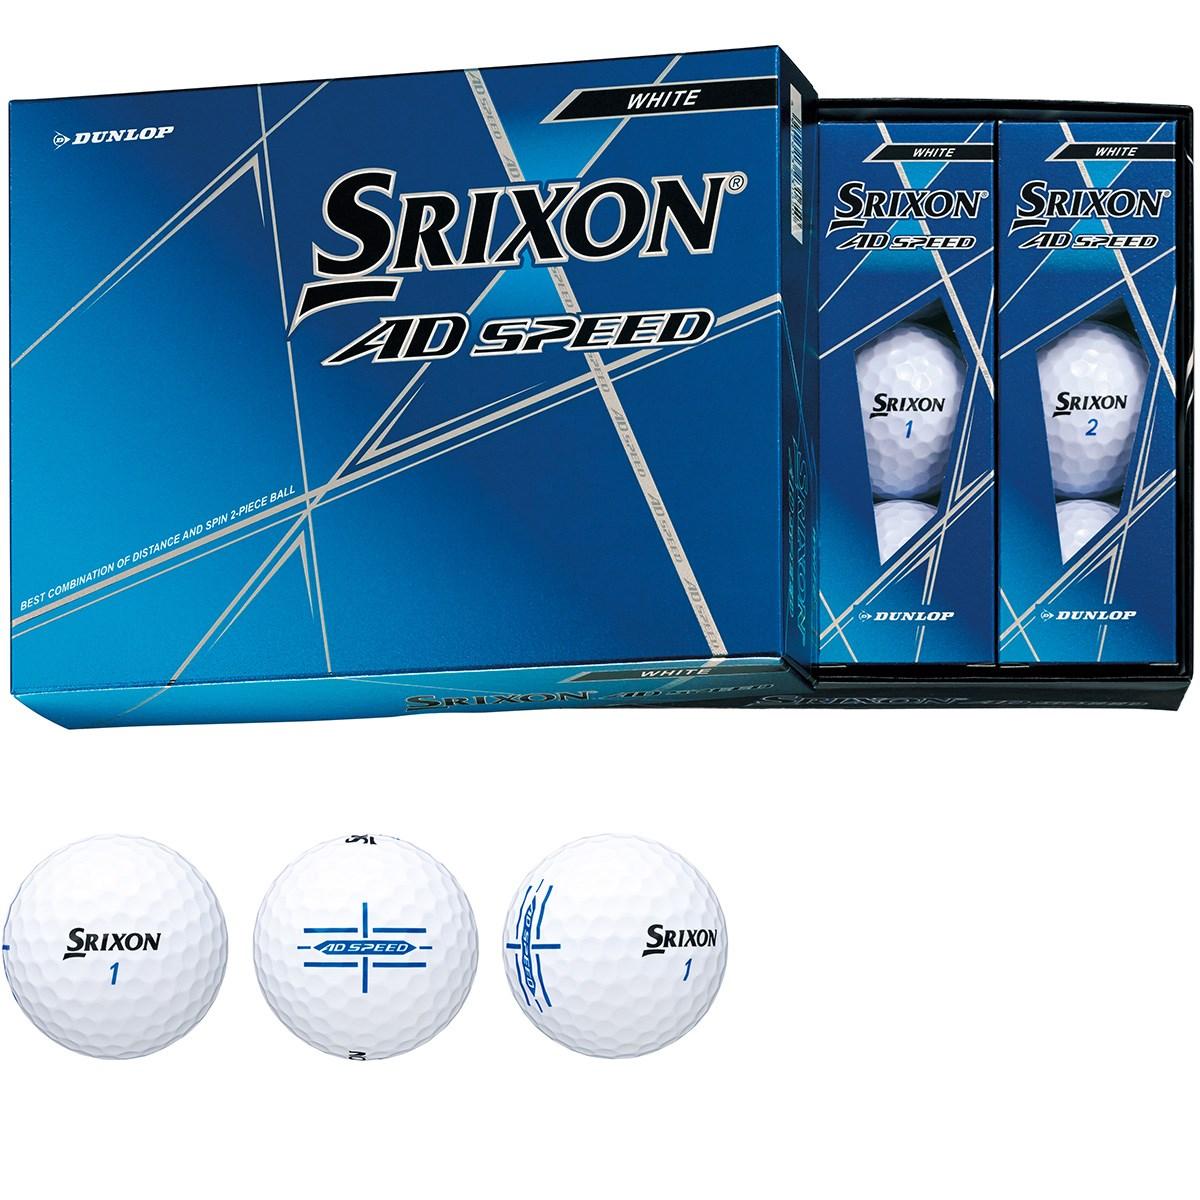 ダンロップ SRIXON スリクソン AD SPEED ボール 1ダース(12個入り) ホワイト